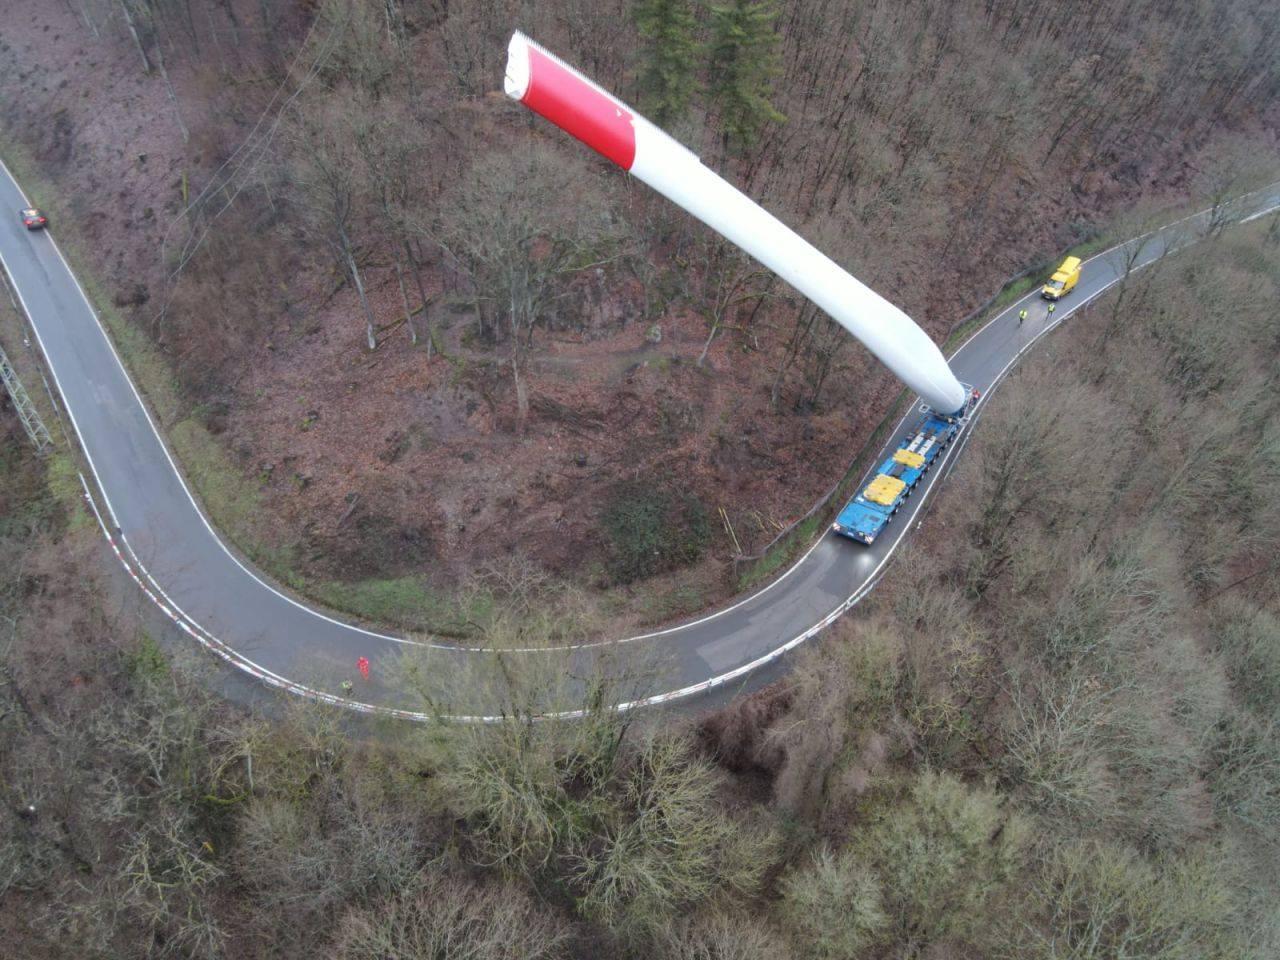 Компанія з Люксембургу показала, як перевозить лопать вітрогенератора довжиною 67 метрів: вражаючі фото